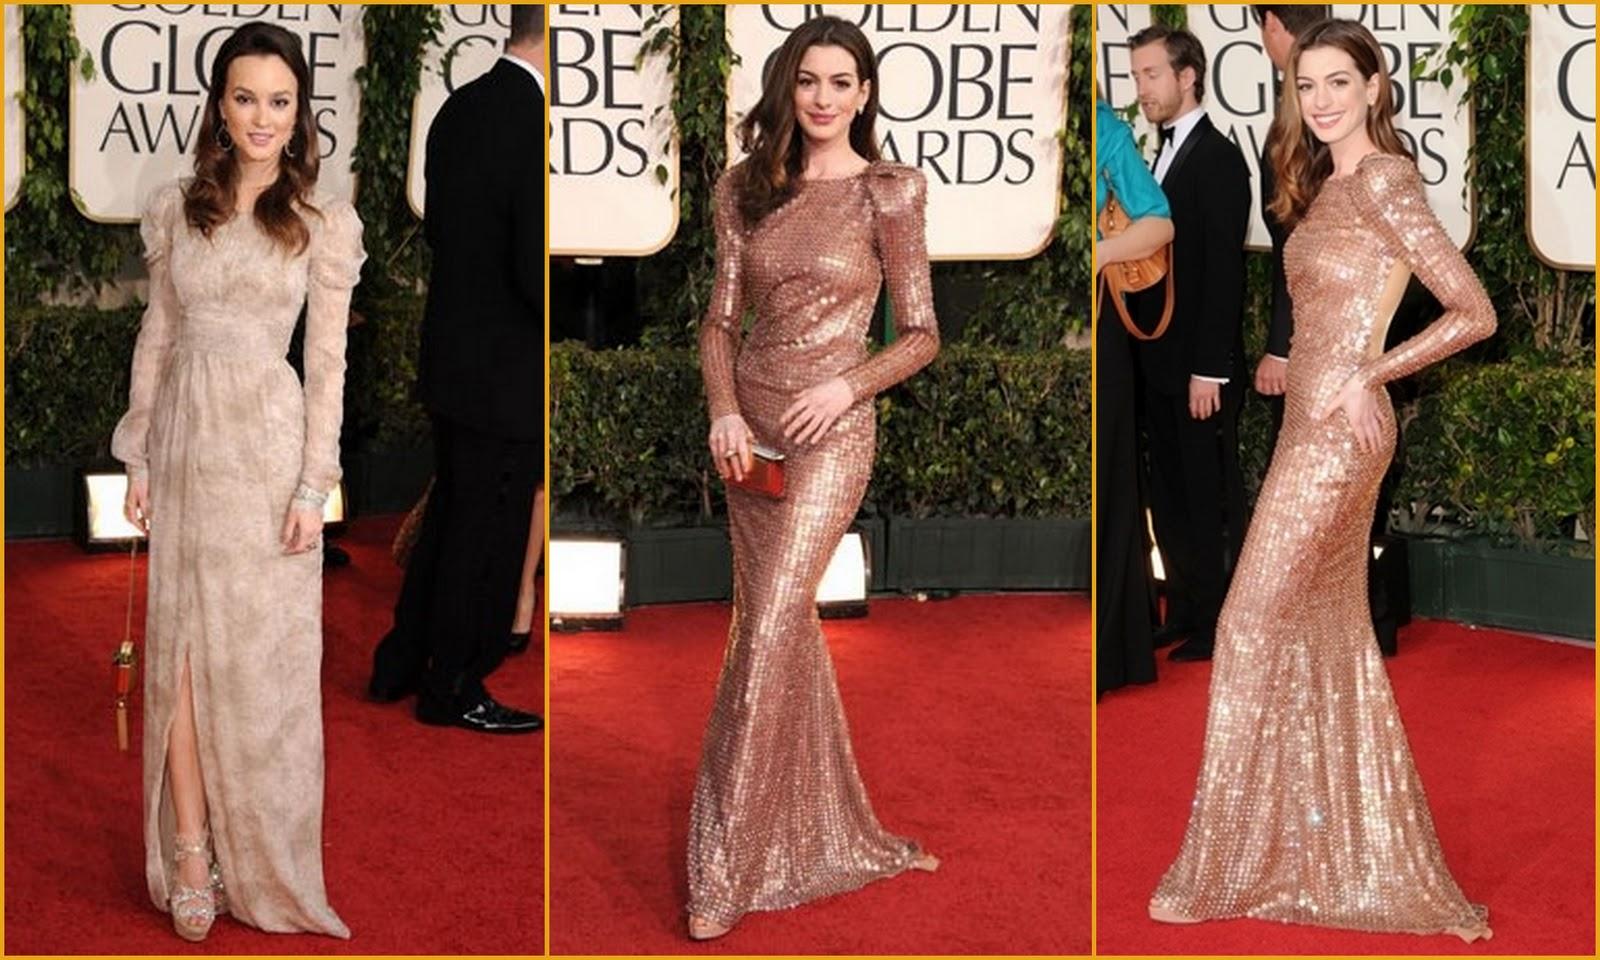 http://3.bp.blogspot.com/_Q5WSg7ukT6Y/TTPTtqG7RNI/AAAAAAAAFEA/G1KNXRTlDjg/s1600/Golden+Globes+2011-1.jpg